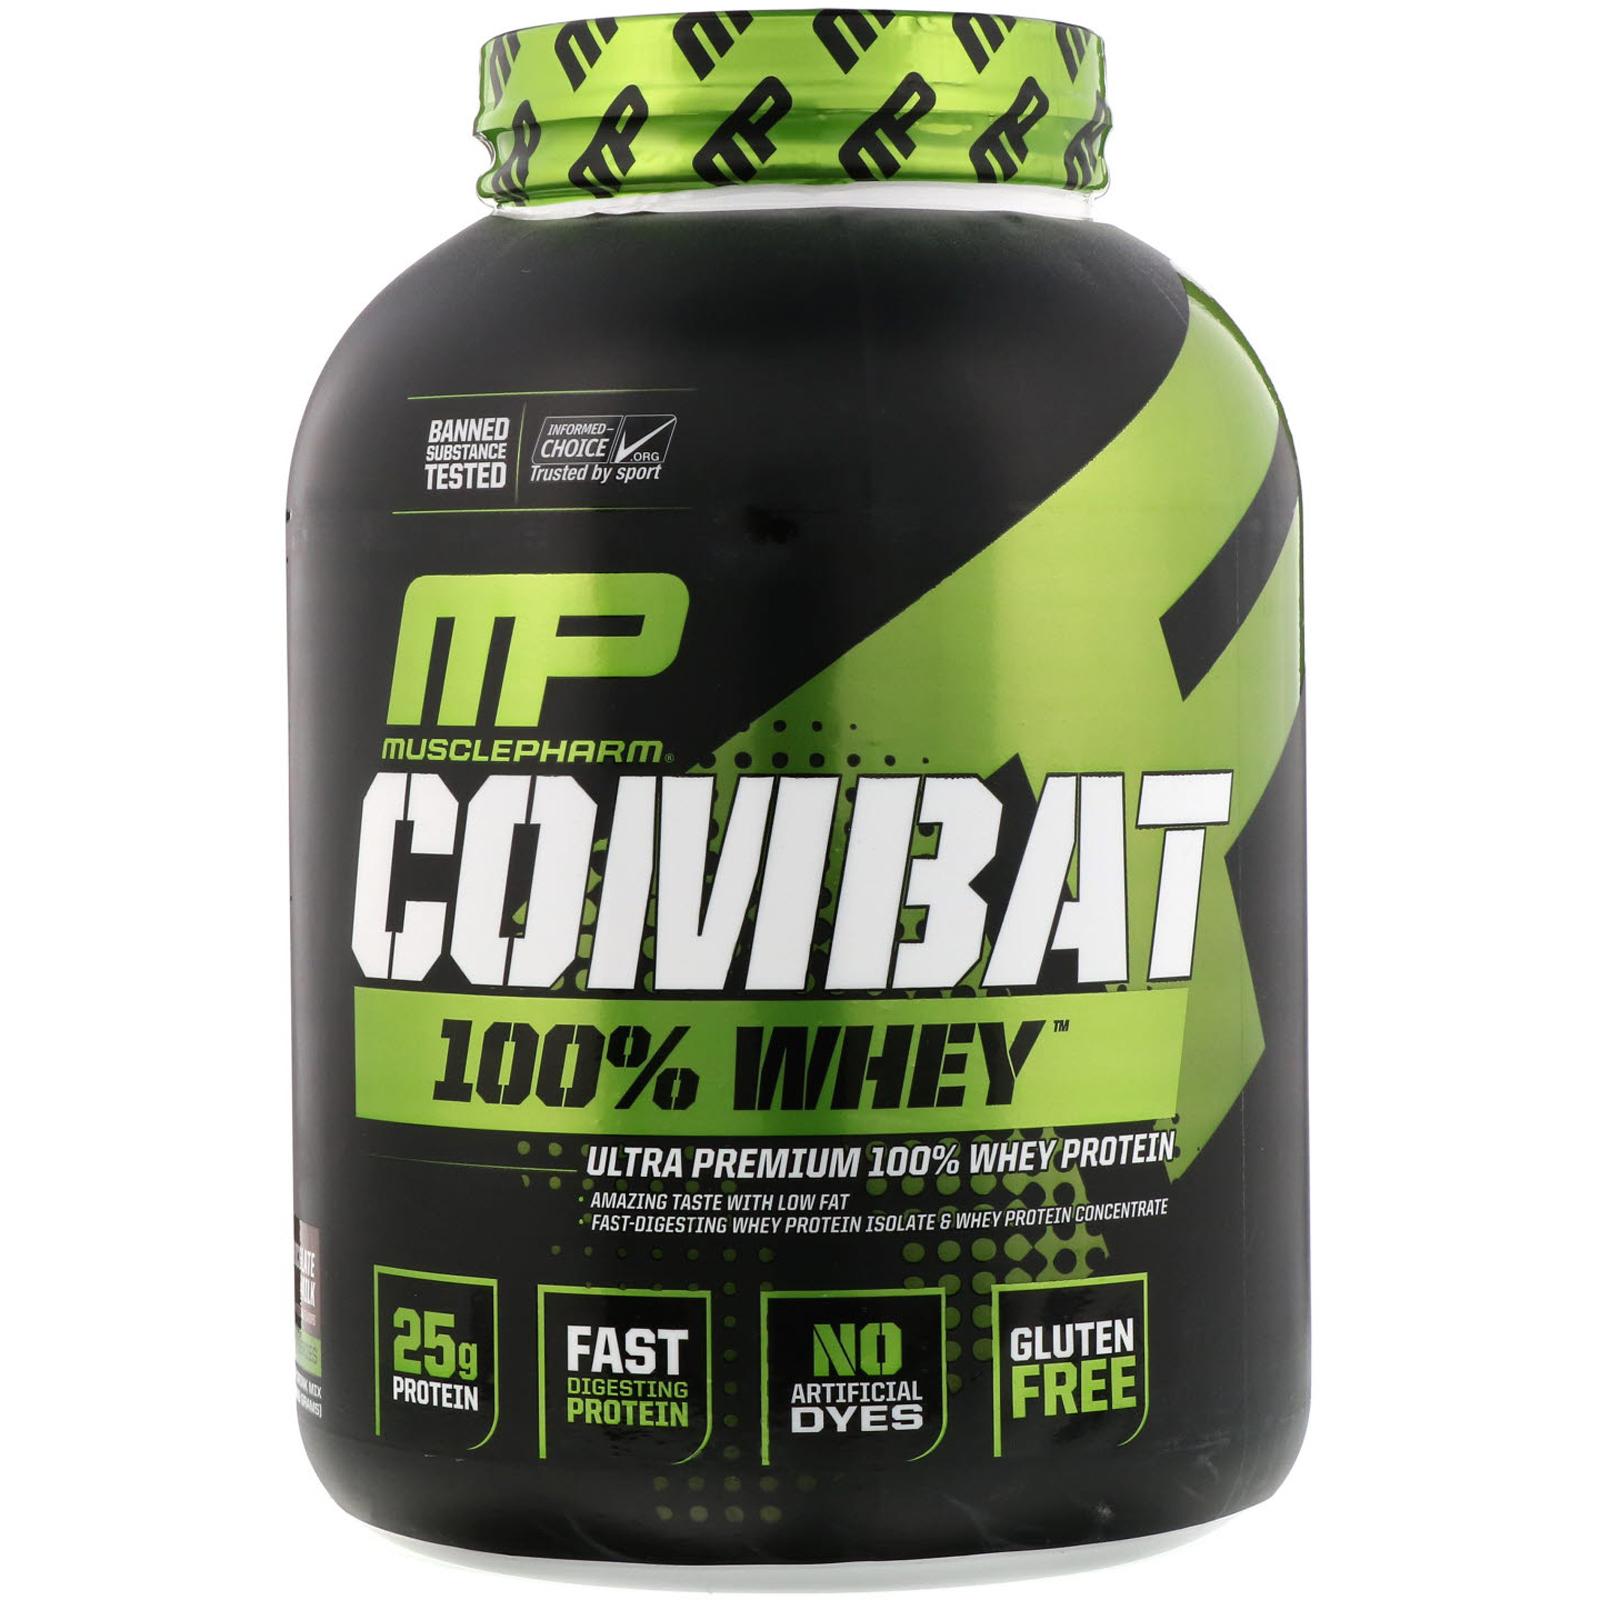 Combat Whey protein سعر بروتين كومبات واي بروتين بروتين كومبات للتنشيف بروتين كومبات ماس Muscle pharm فوائد بروتين كومبات لزيادة الوزن